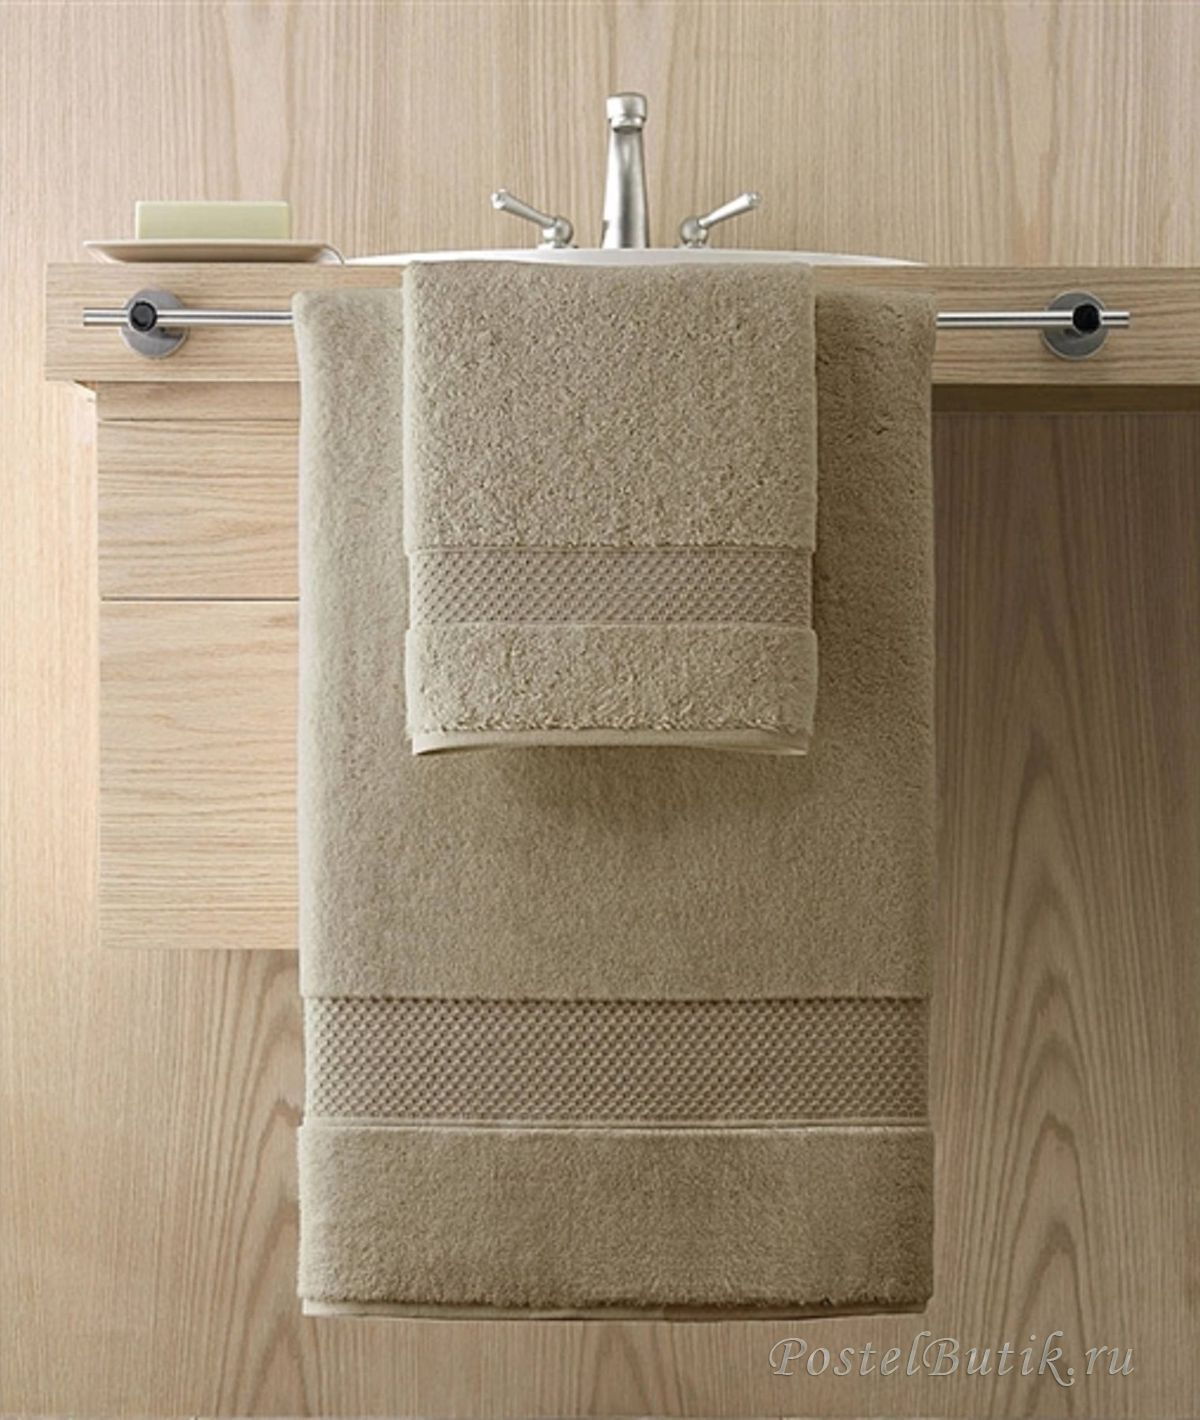 Элитный банный коврик Elegance Desert Sand от Kassatex